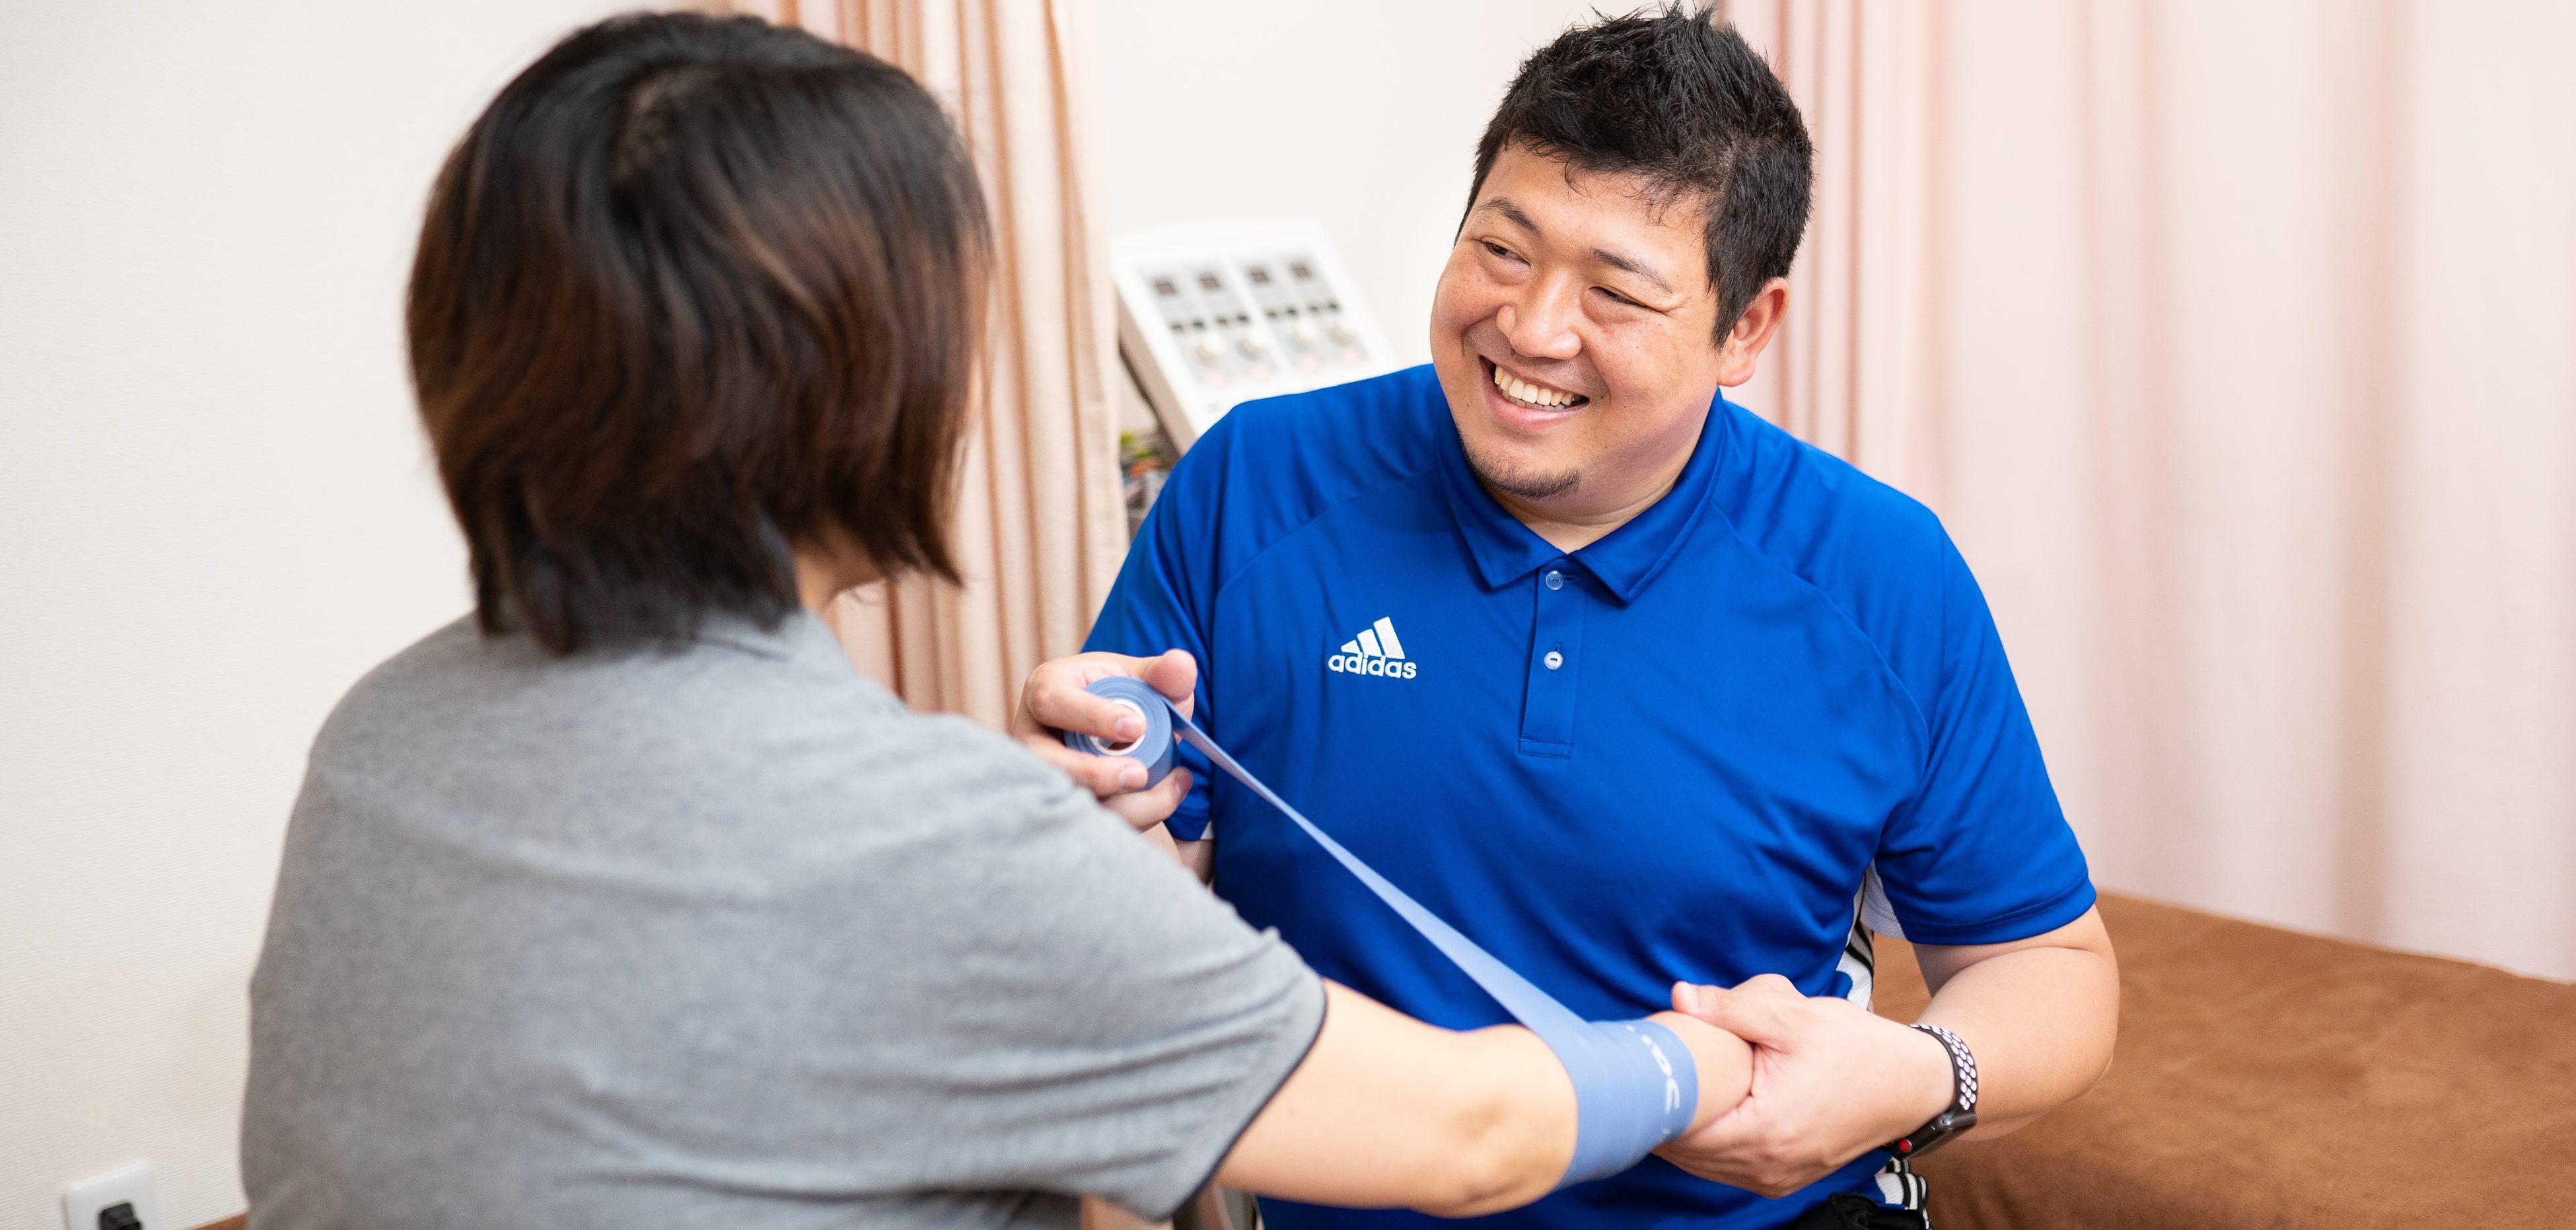 スポーツ専門治療|福島市の桂はり・きゅう整骨院